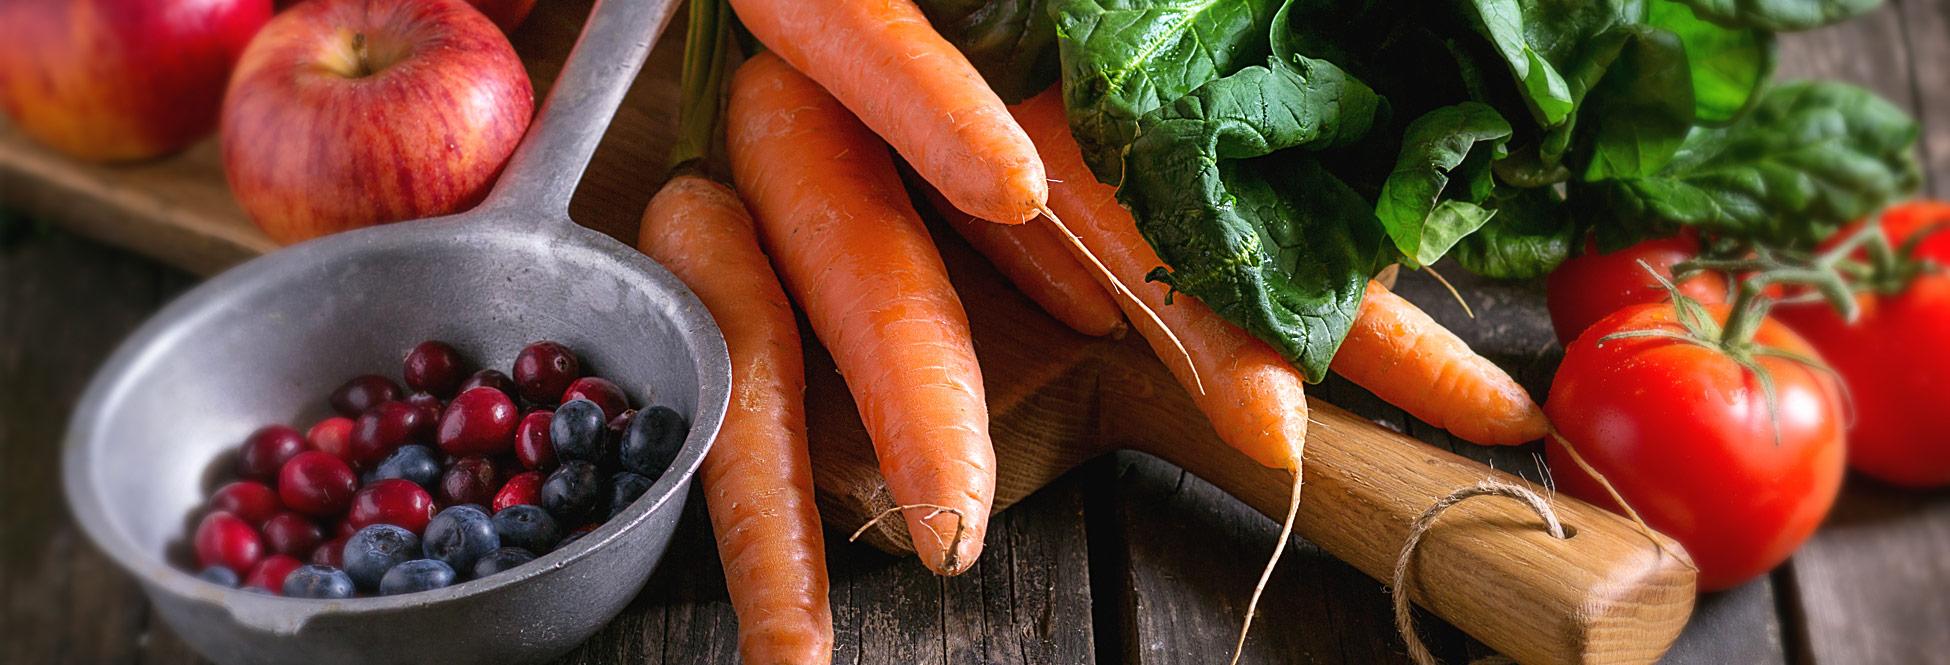 Sie sehen Obst, Gemüse und Kräuter